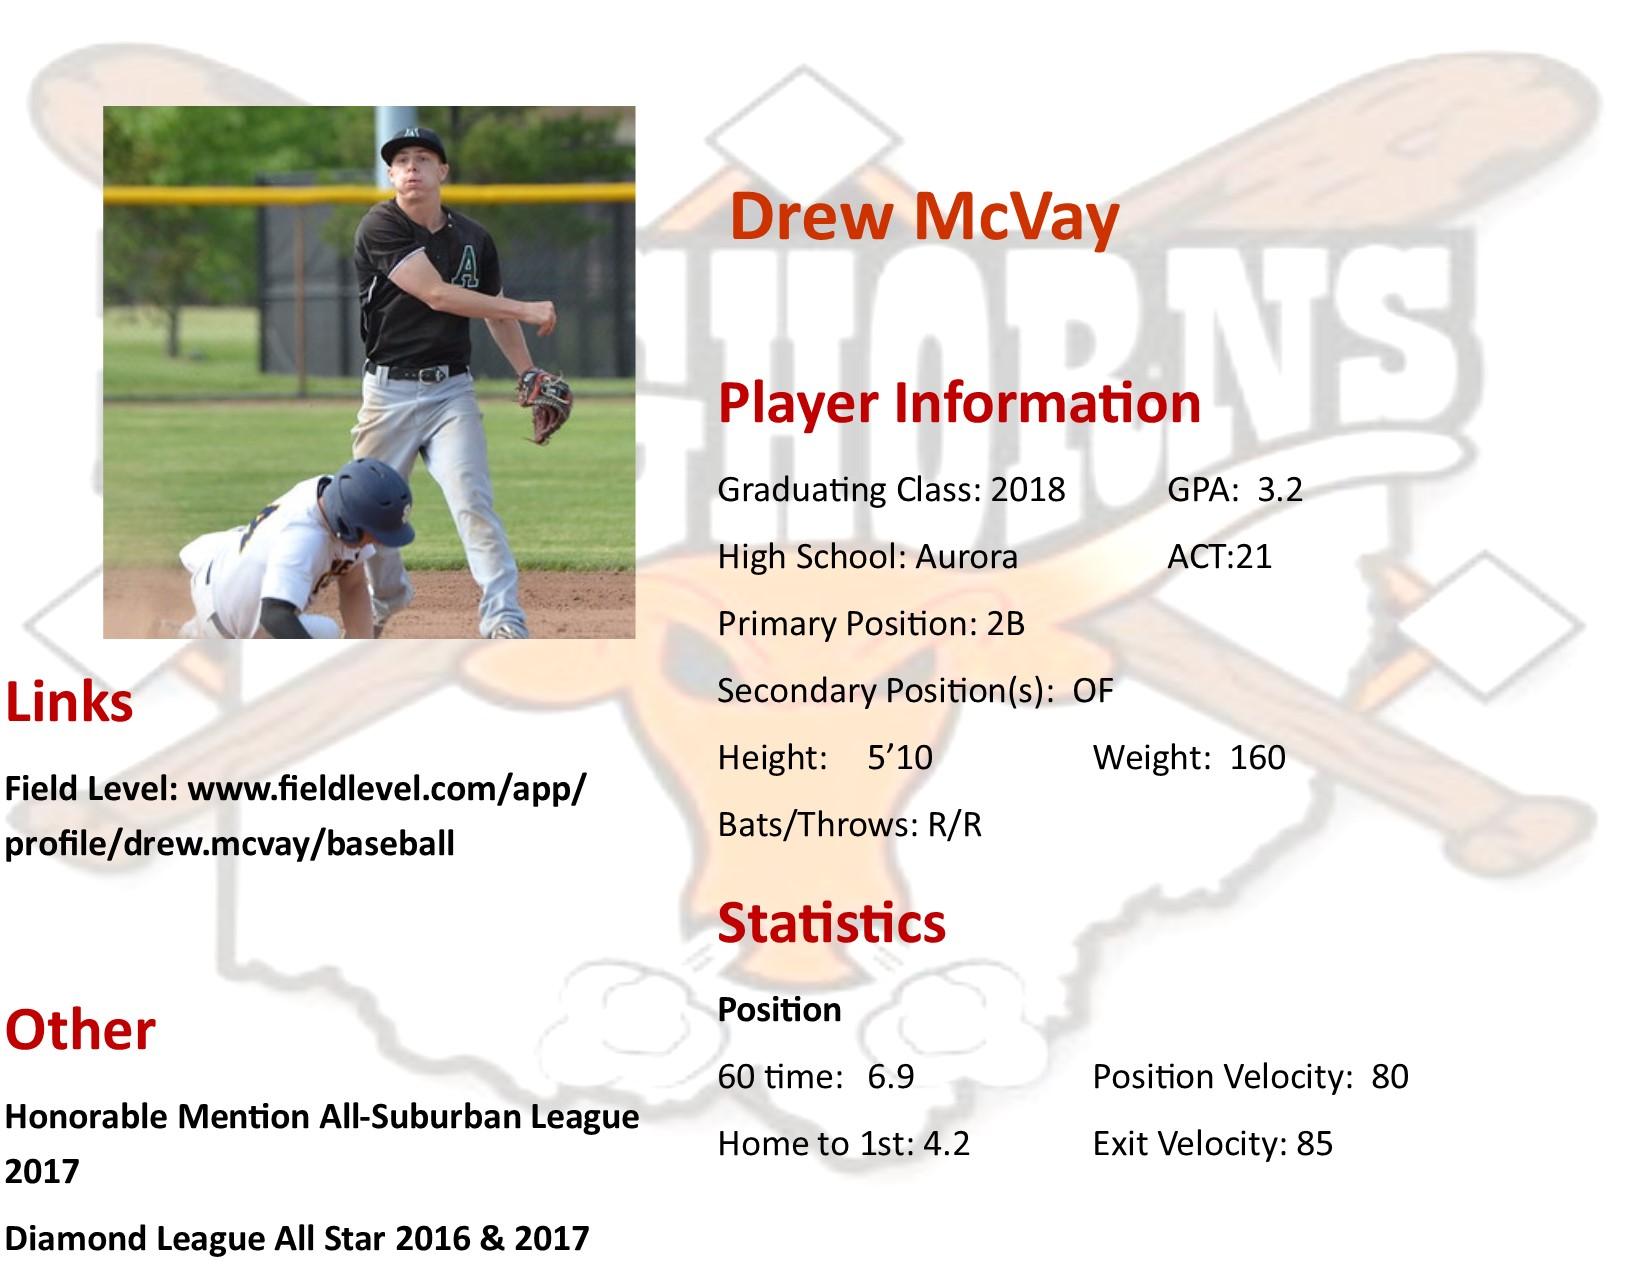 Drew McVay